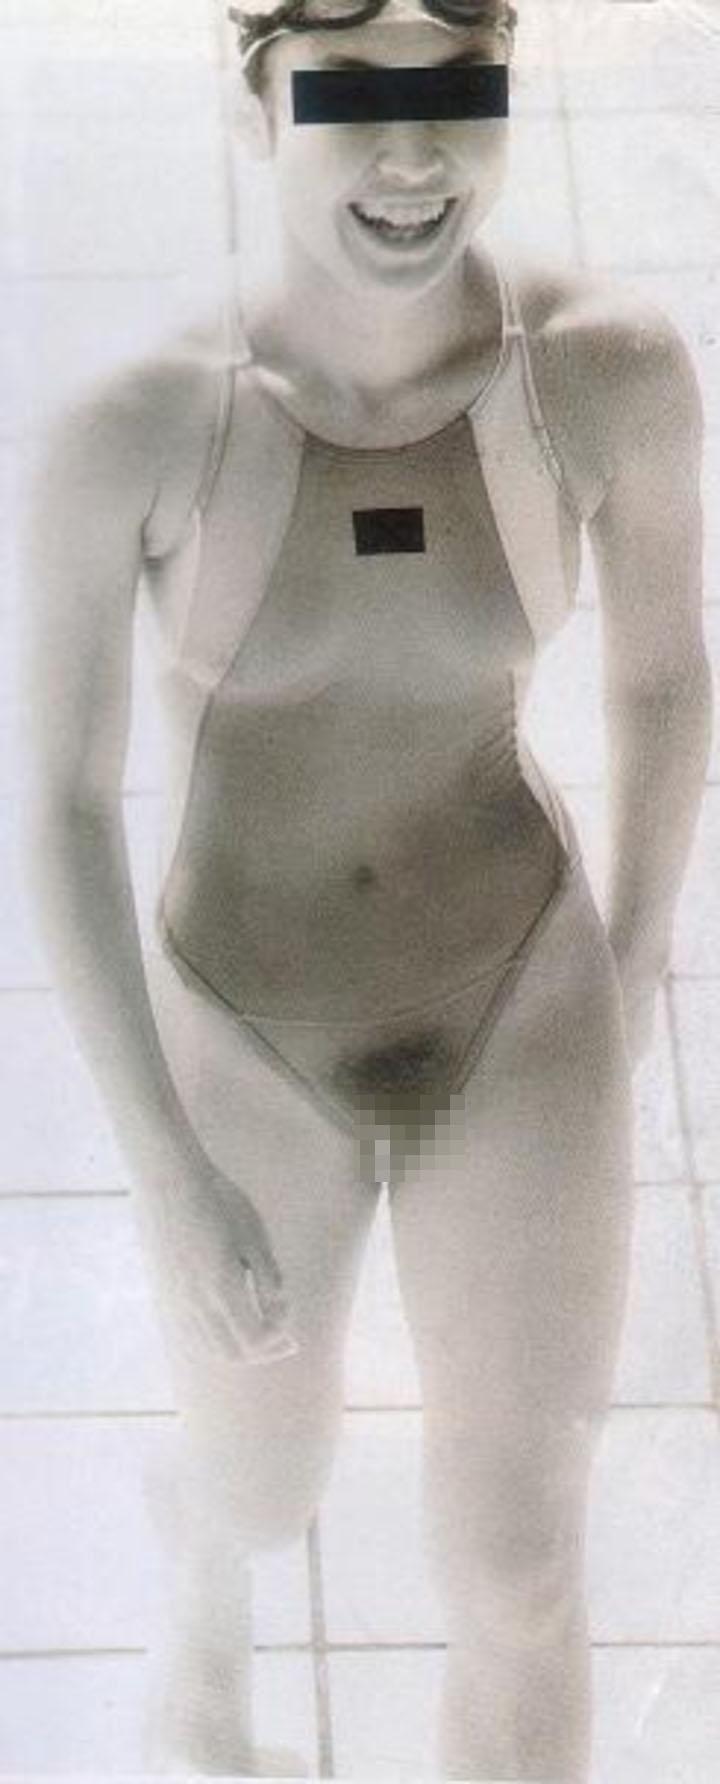 膨らみかけも剛毛も赤外線盗撮で透けたjkのエロ画像16枚目